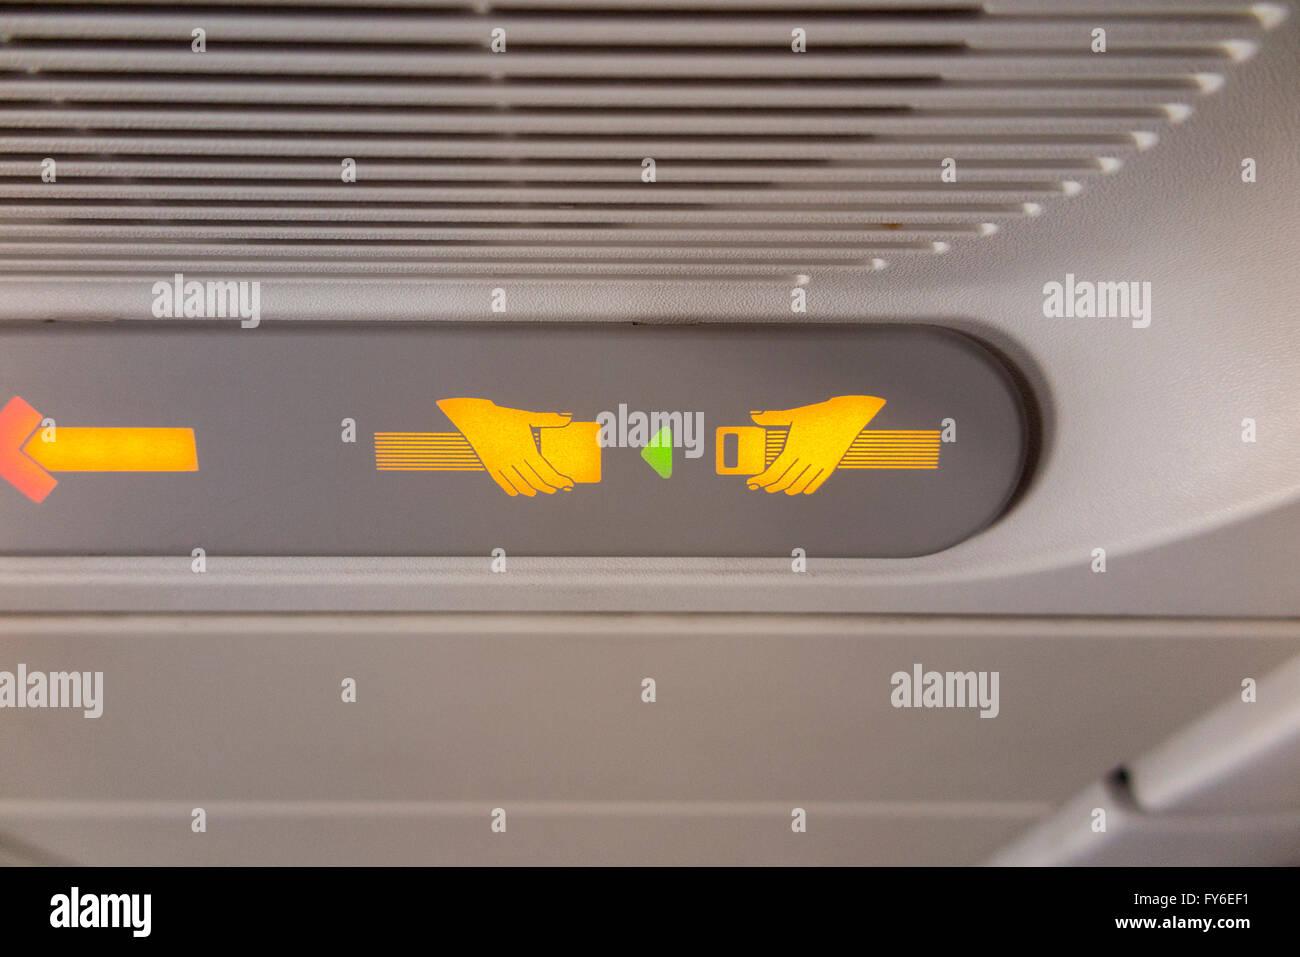 """Flugzeug """"Fasten Seat Belt / Sicherheitsgurt"""" Licht Zeichen leuchtet & beleuchtet während eines Fluges im Flugzeug Stockfoto"""